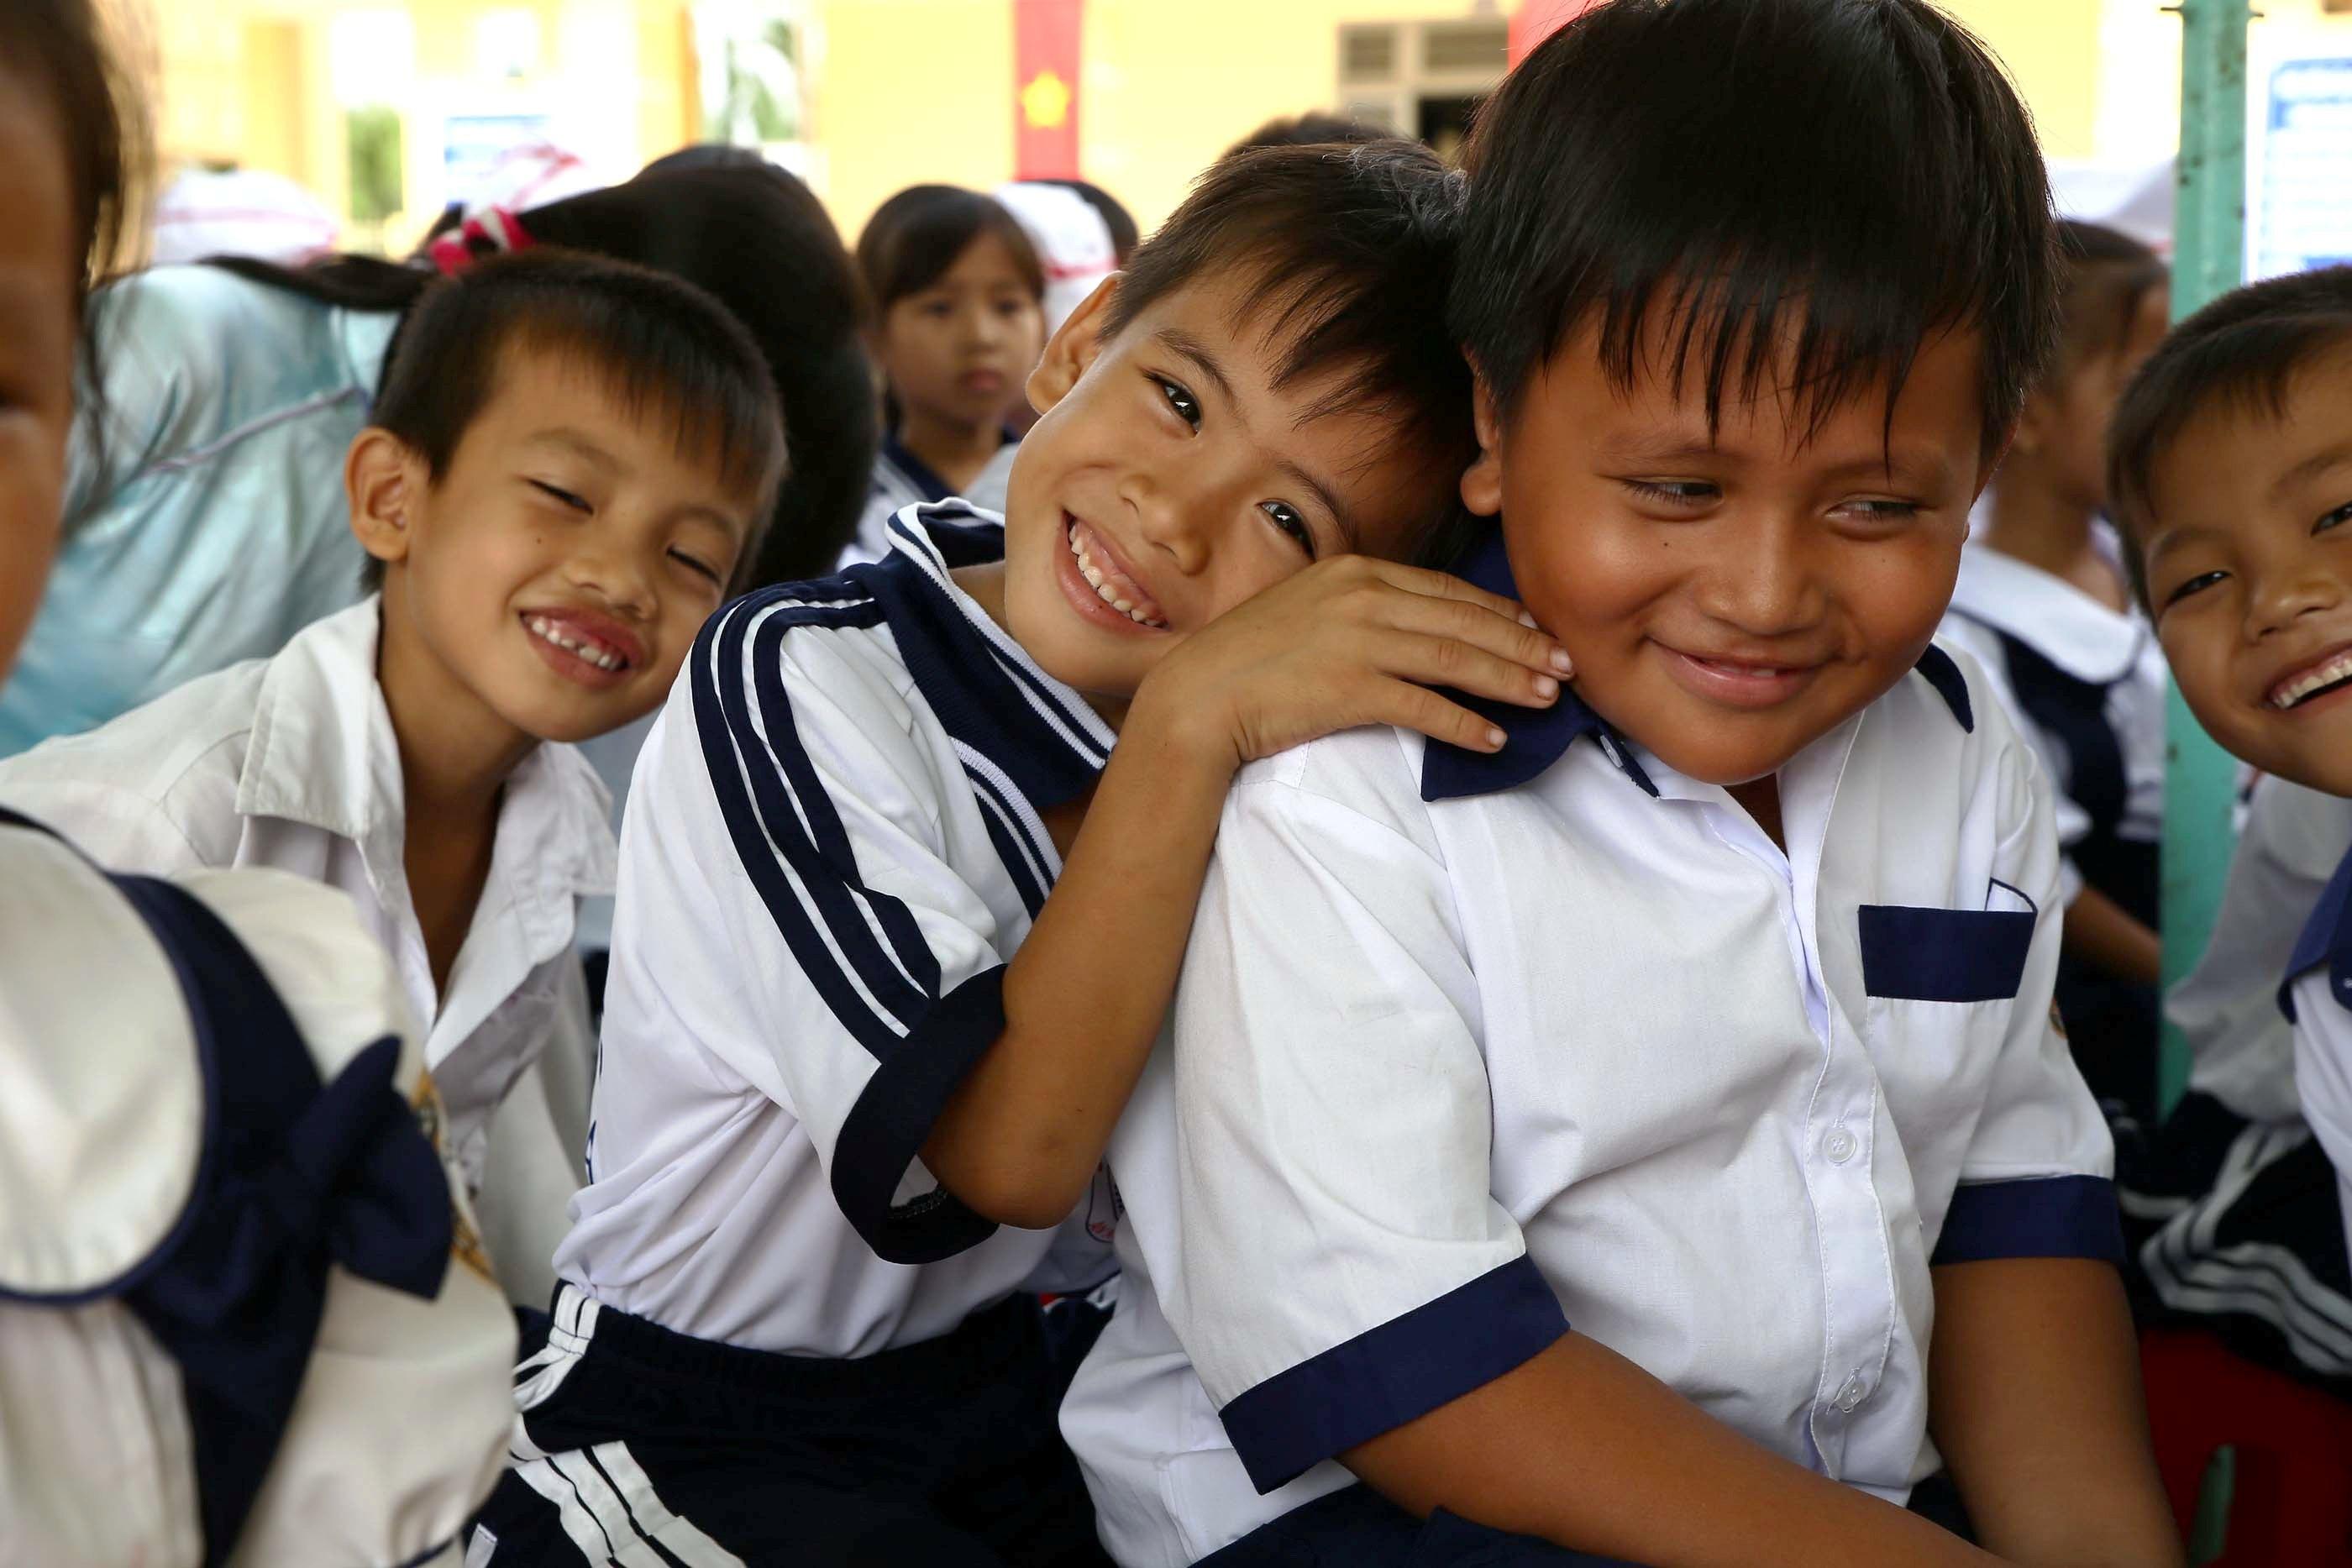 Vietnam should teach kindness to children